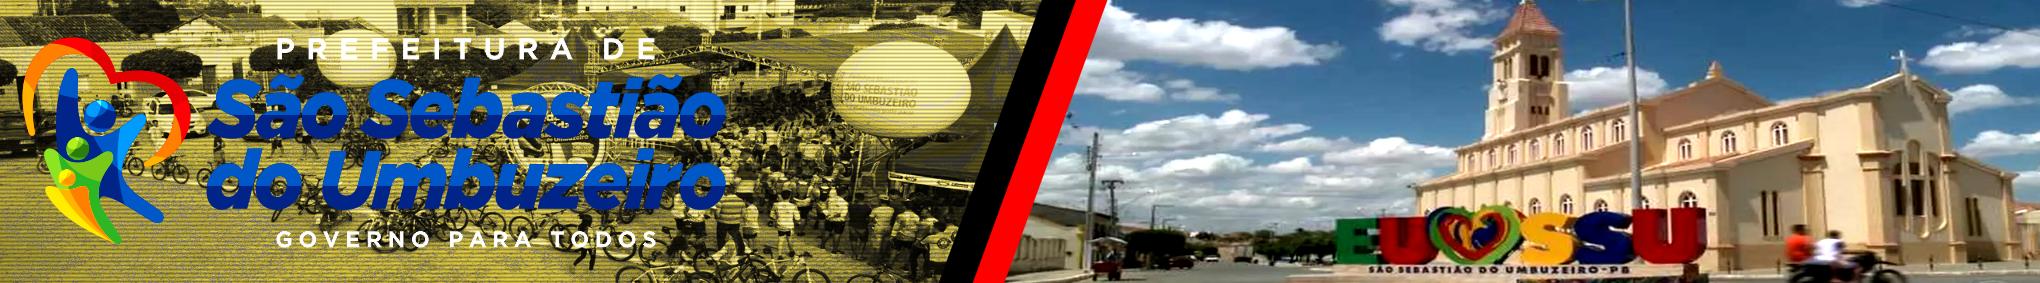 Prefeitura Municipal de São Sebastião do Umbuzeiro - PB